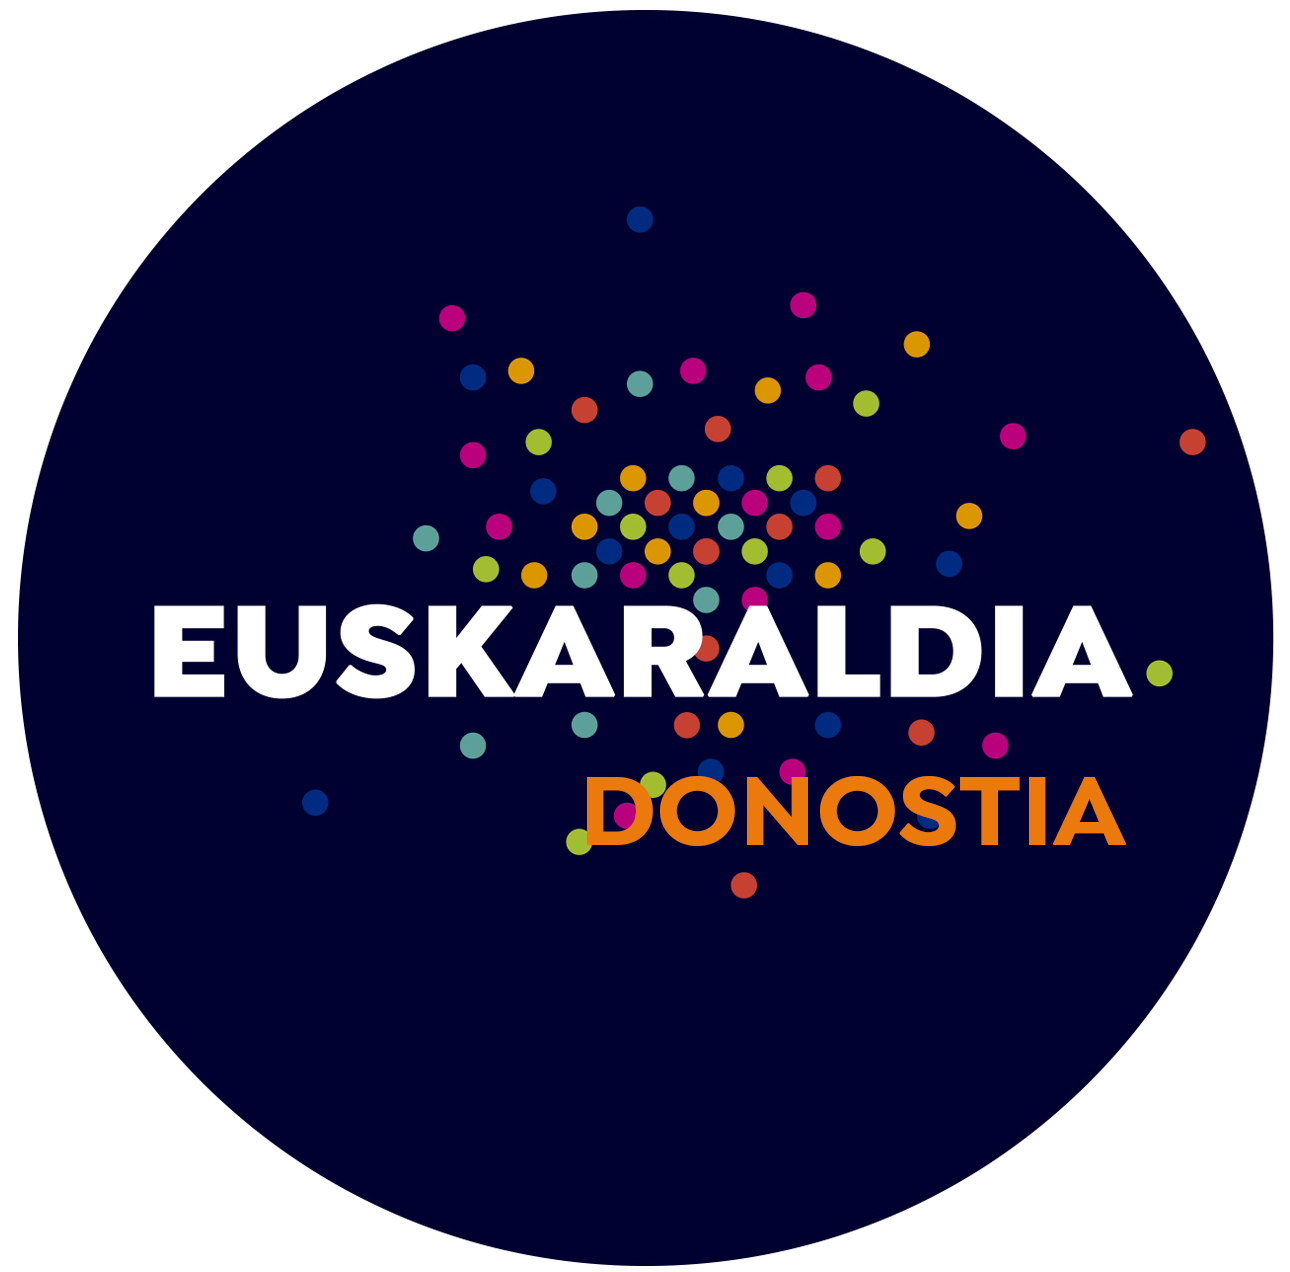 Donostiako  48 entitatek eman dute izena jada Euskaraldiaren bigarren edizioan parte hartzeko